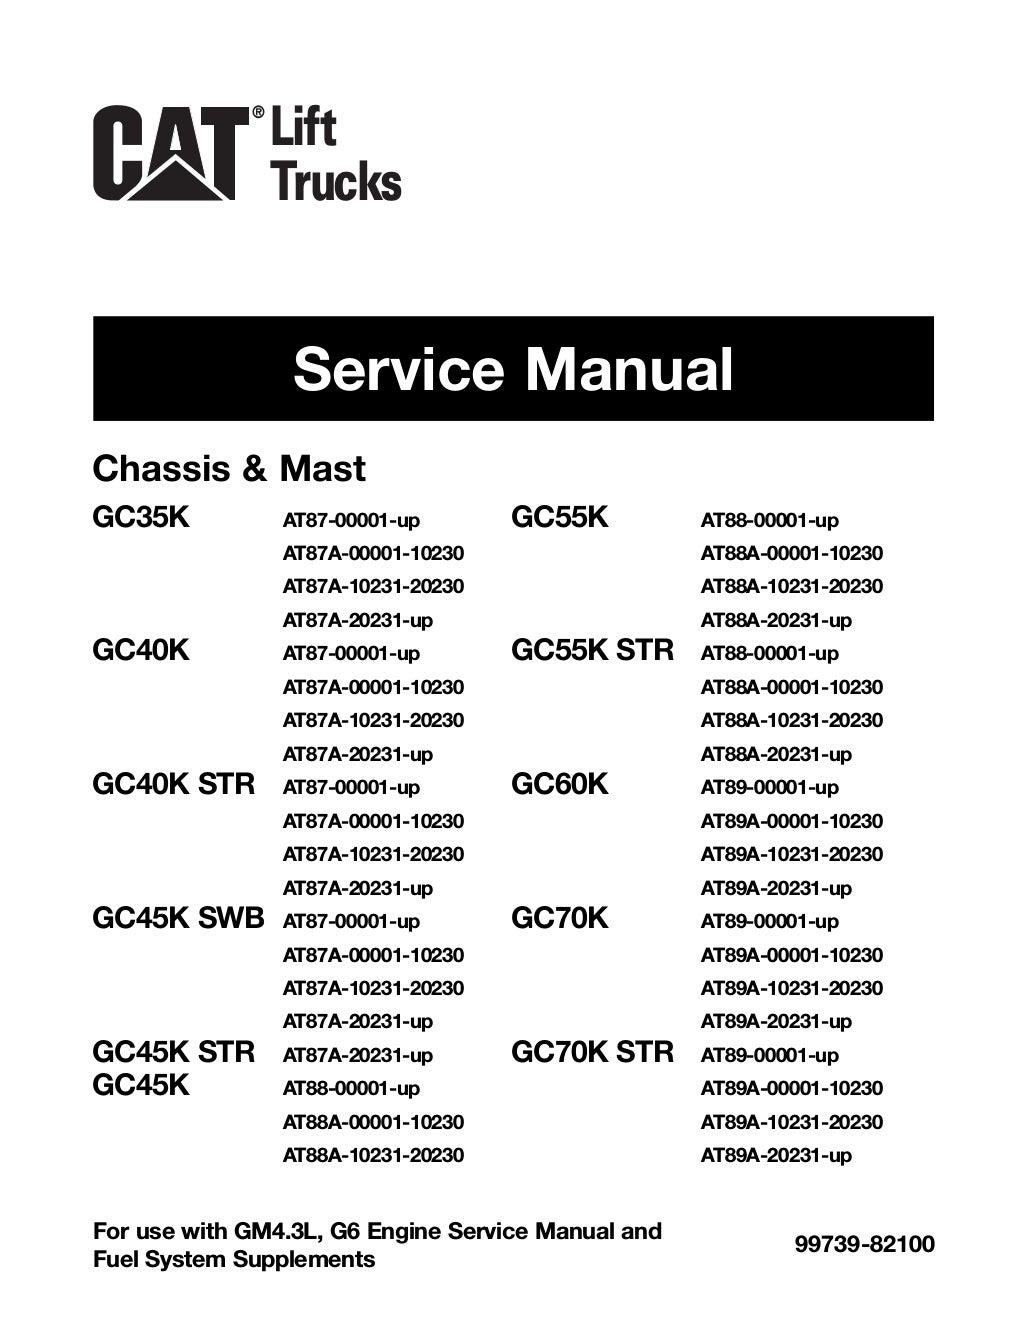 Caterpillar Cat GC70K STR Forklift Lift Trucks Service